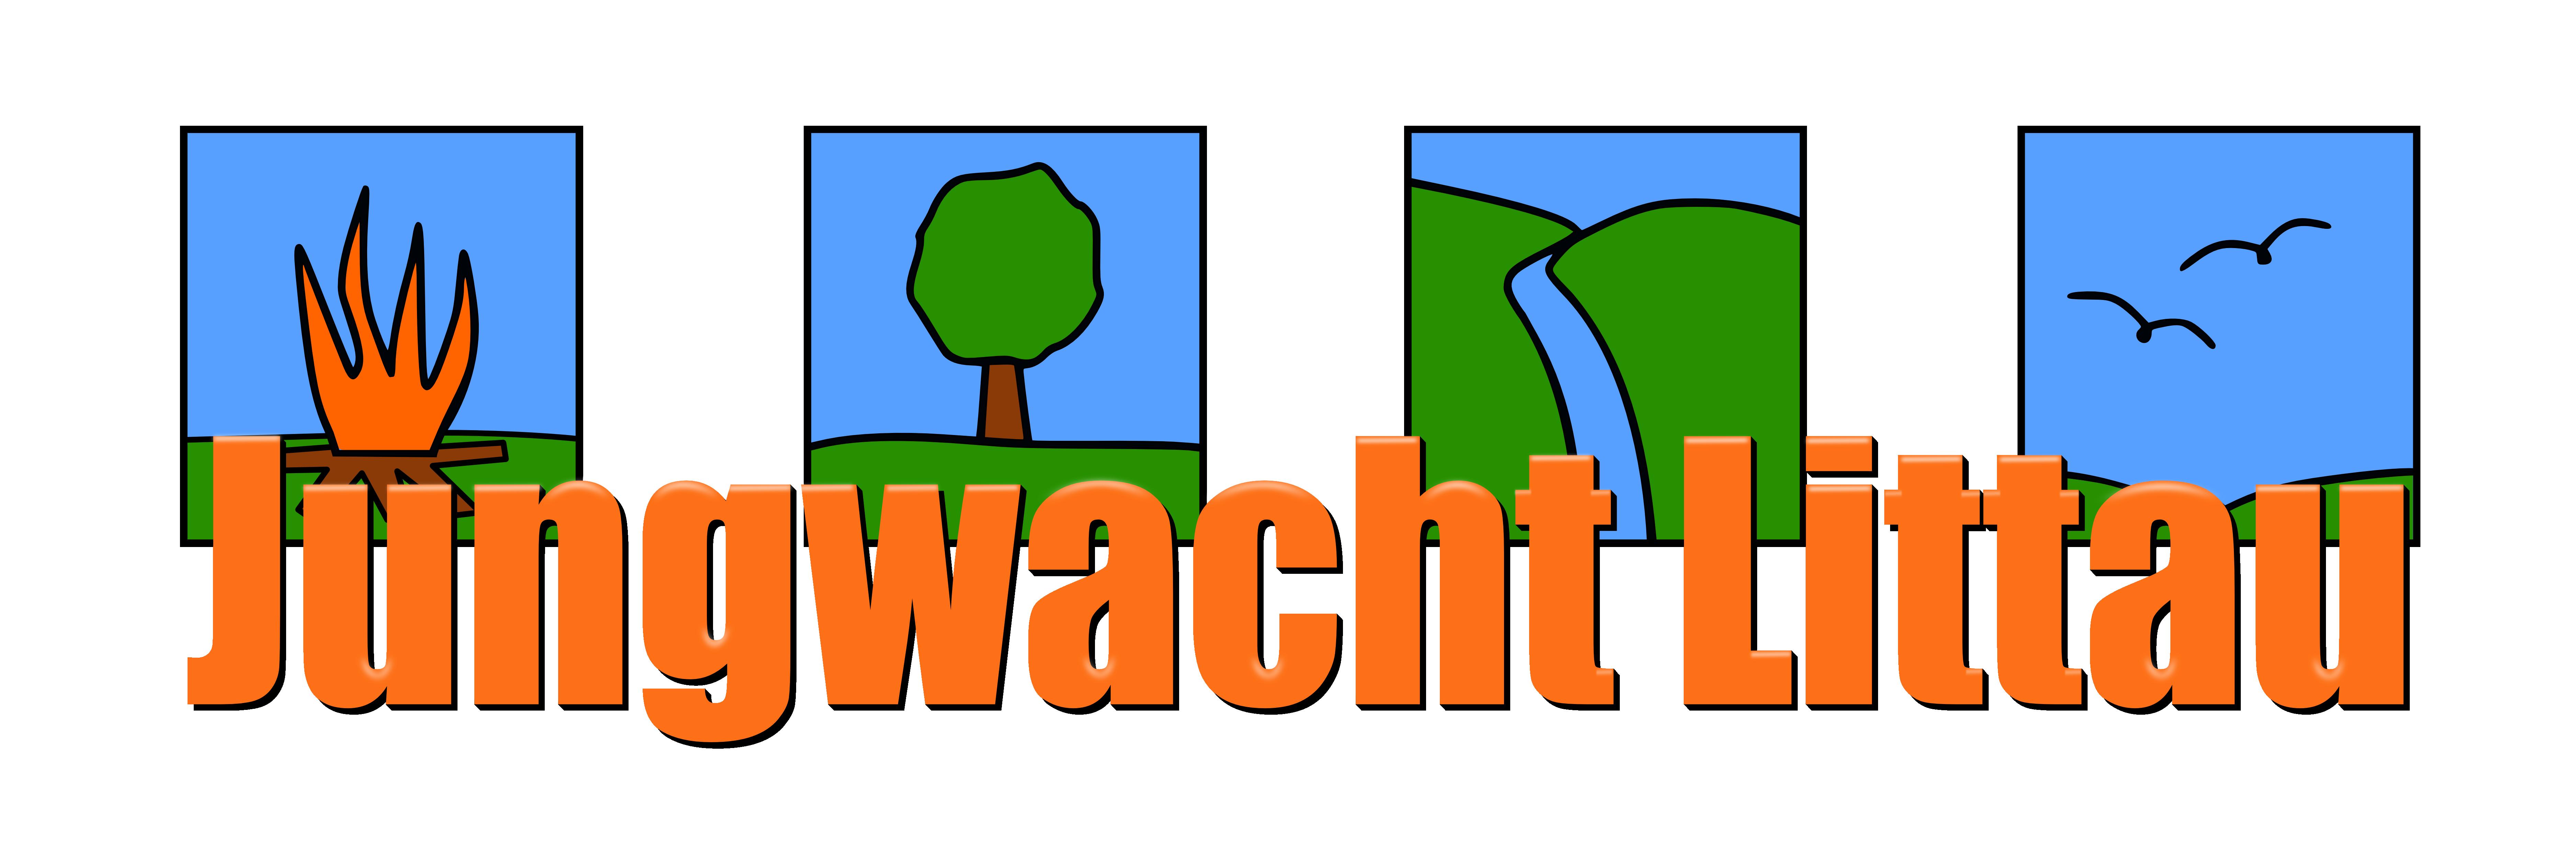 Jungwacht Littau